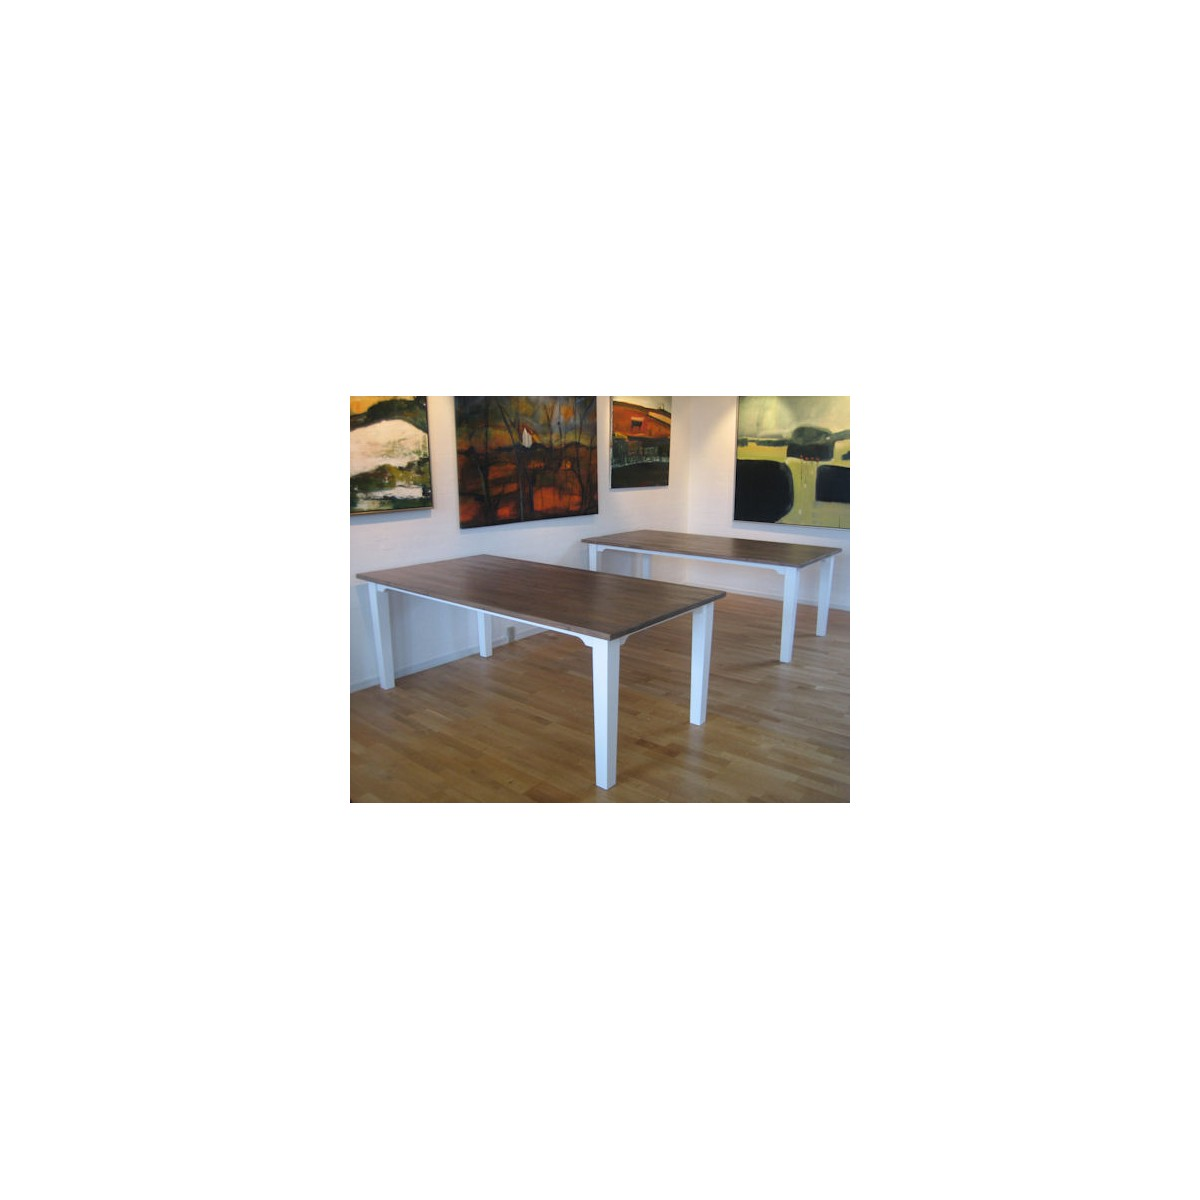 Langbord model Mette. Køb det online hos Brandi LIving